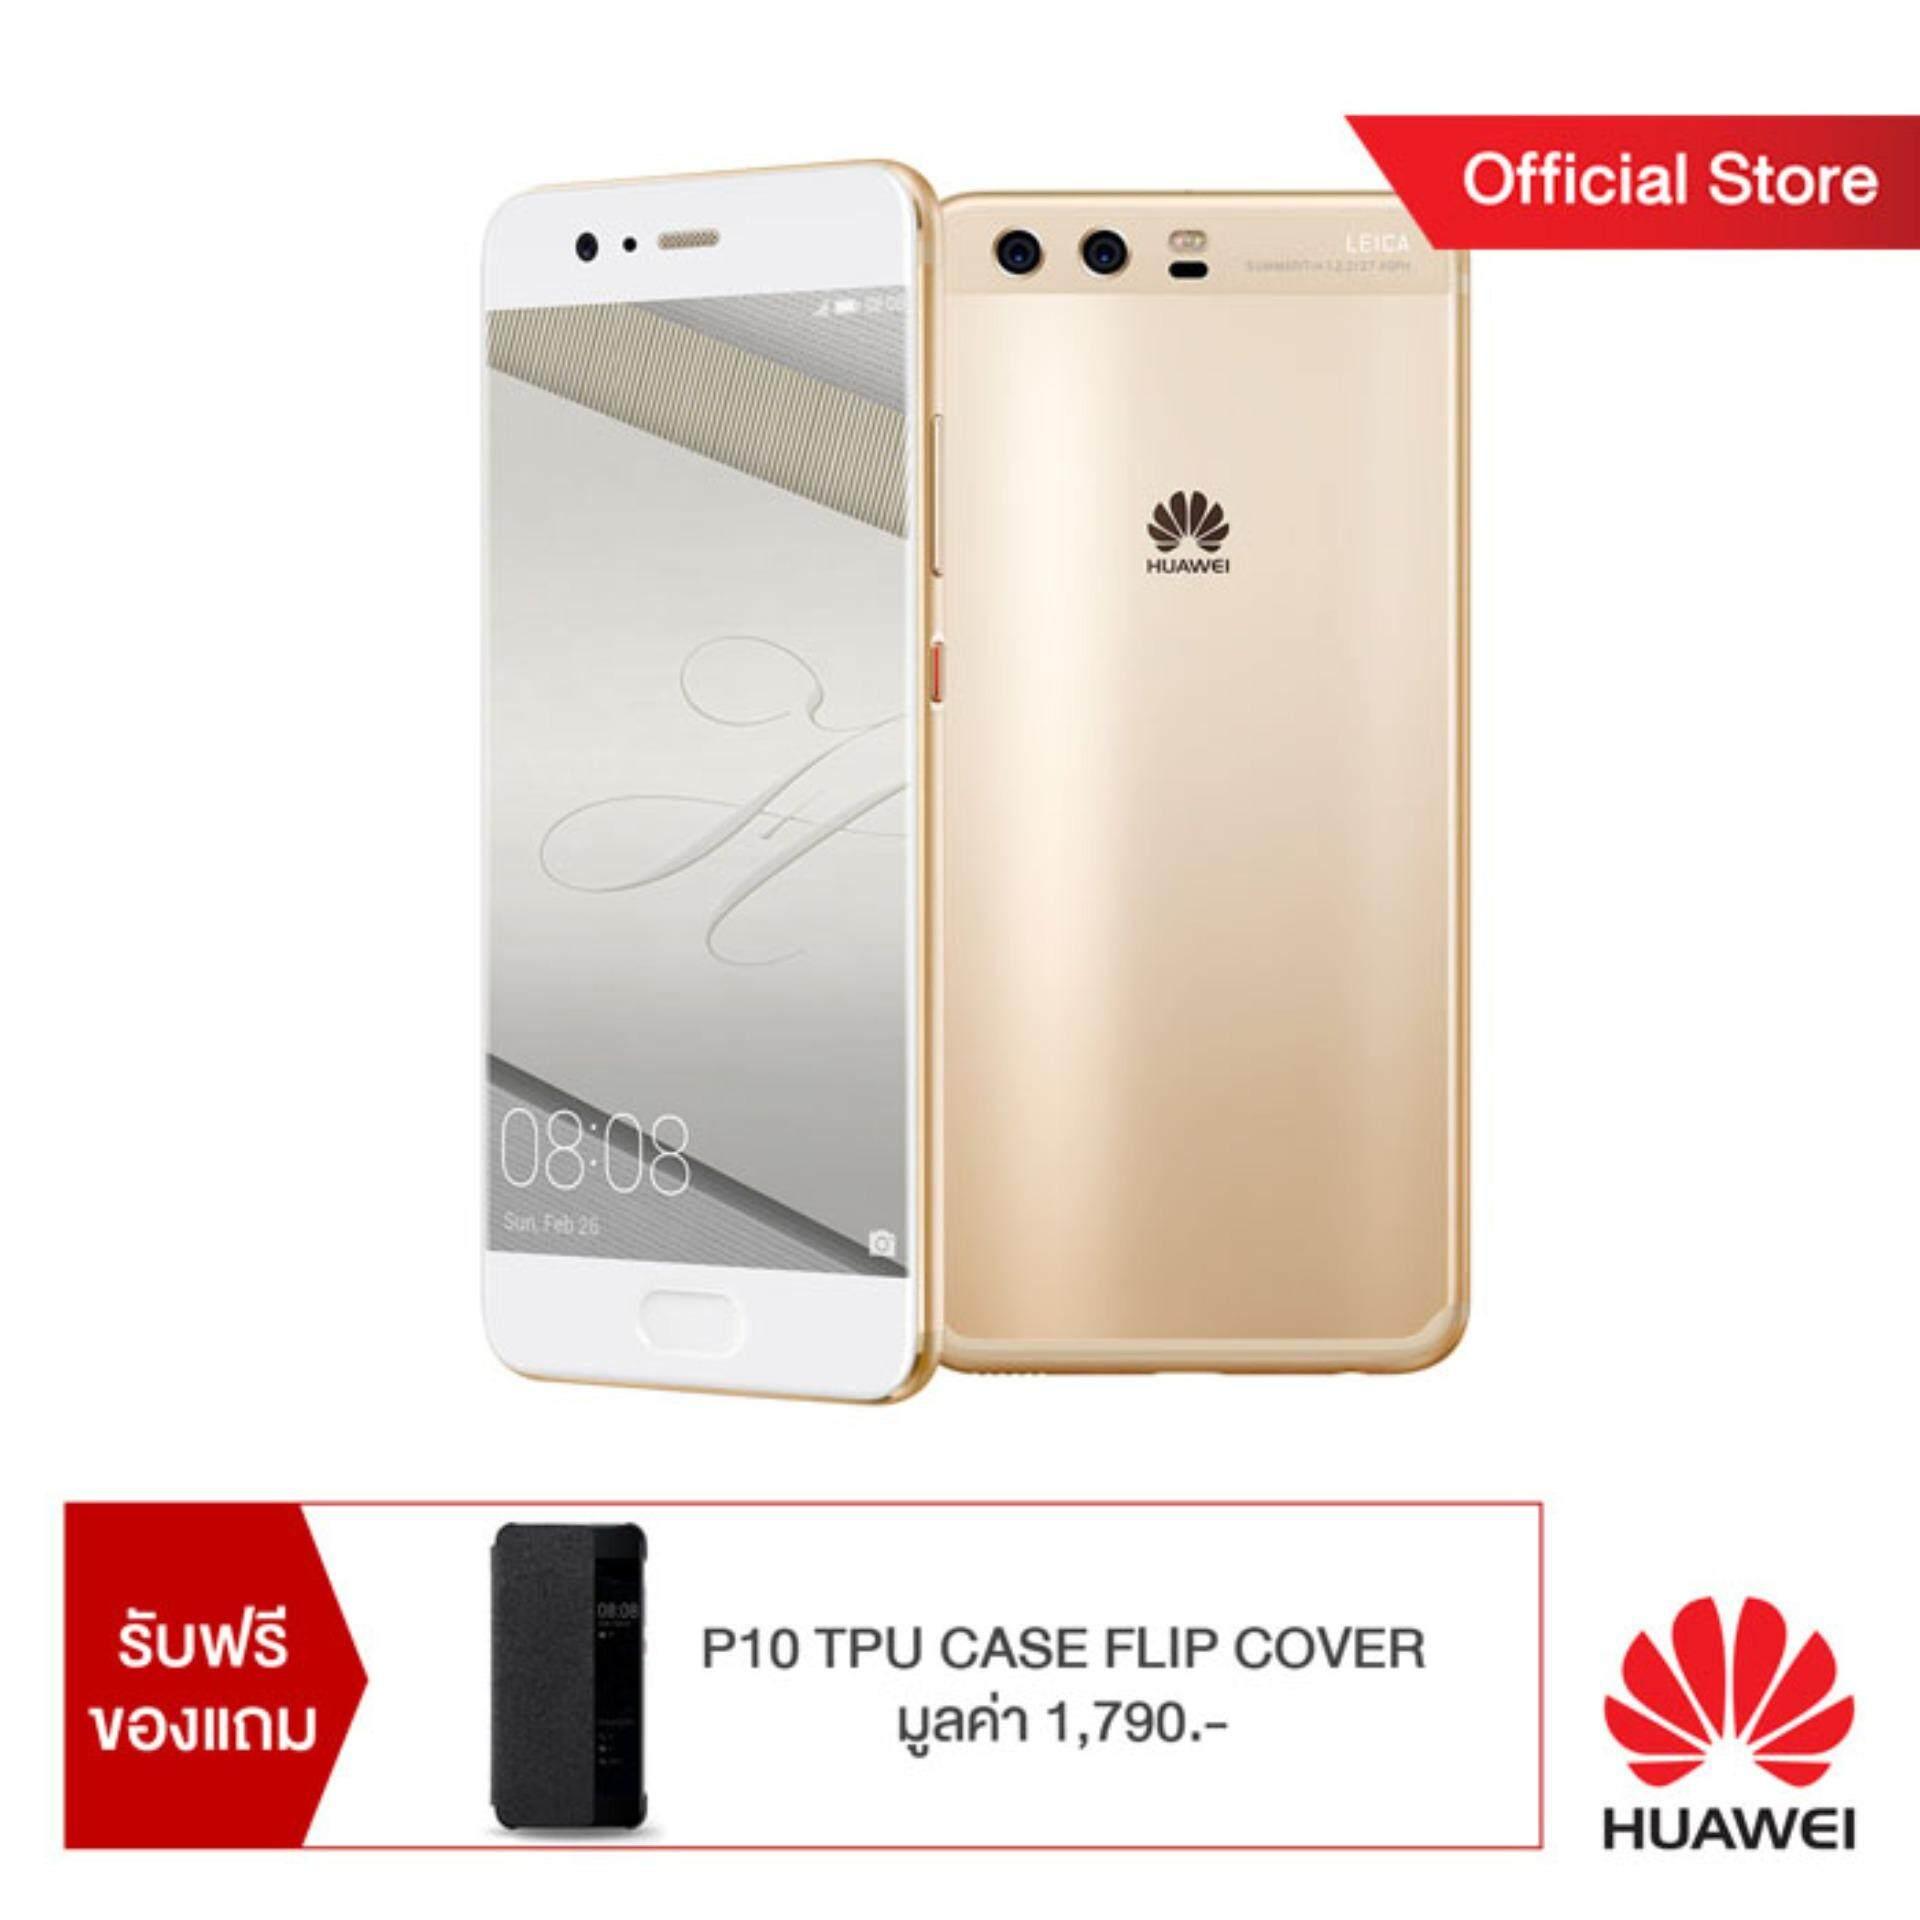 ราคา Huawei P10 32Gb Prestige Gold พิเศษ รับฟรี Tpu Case Flip Cover มูลค่า 1 790 บาท